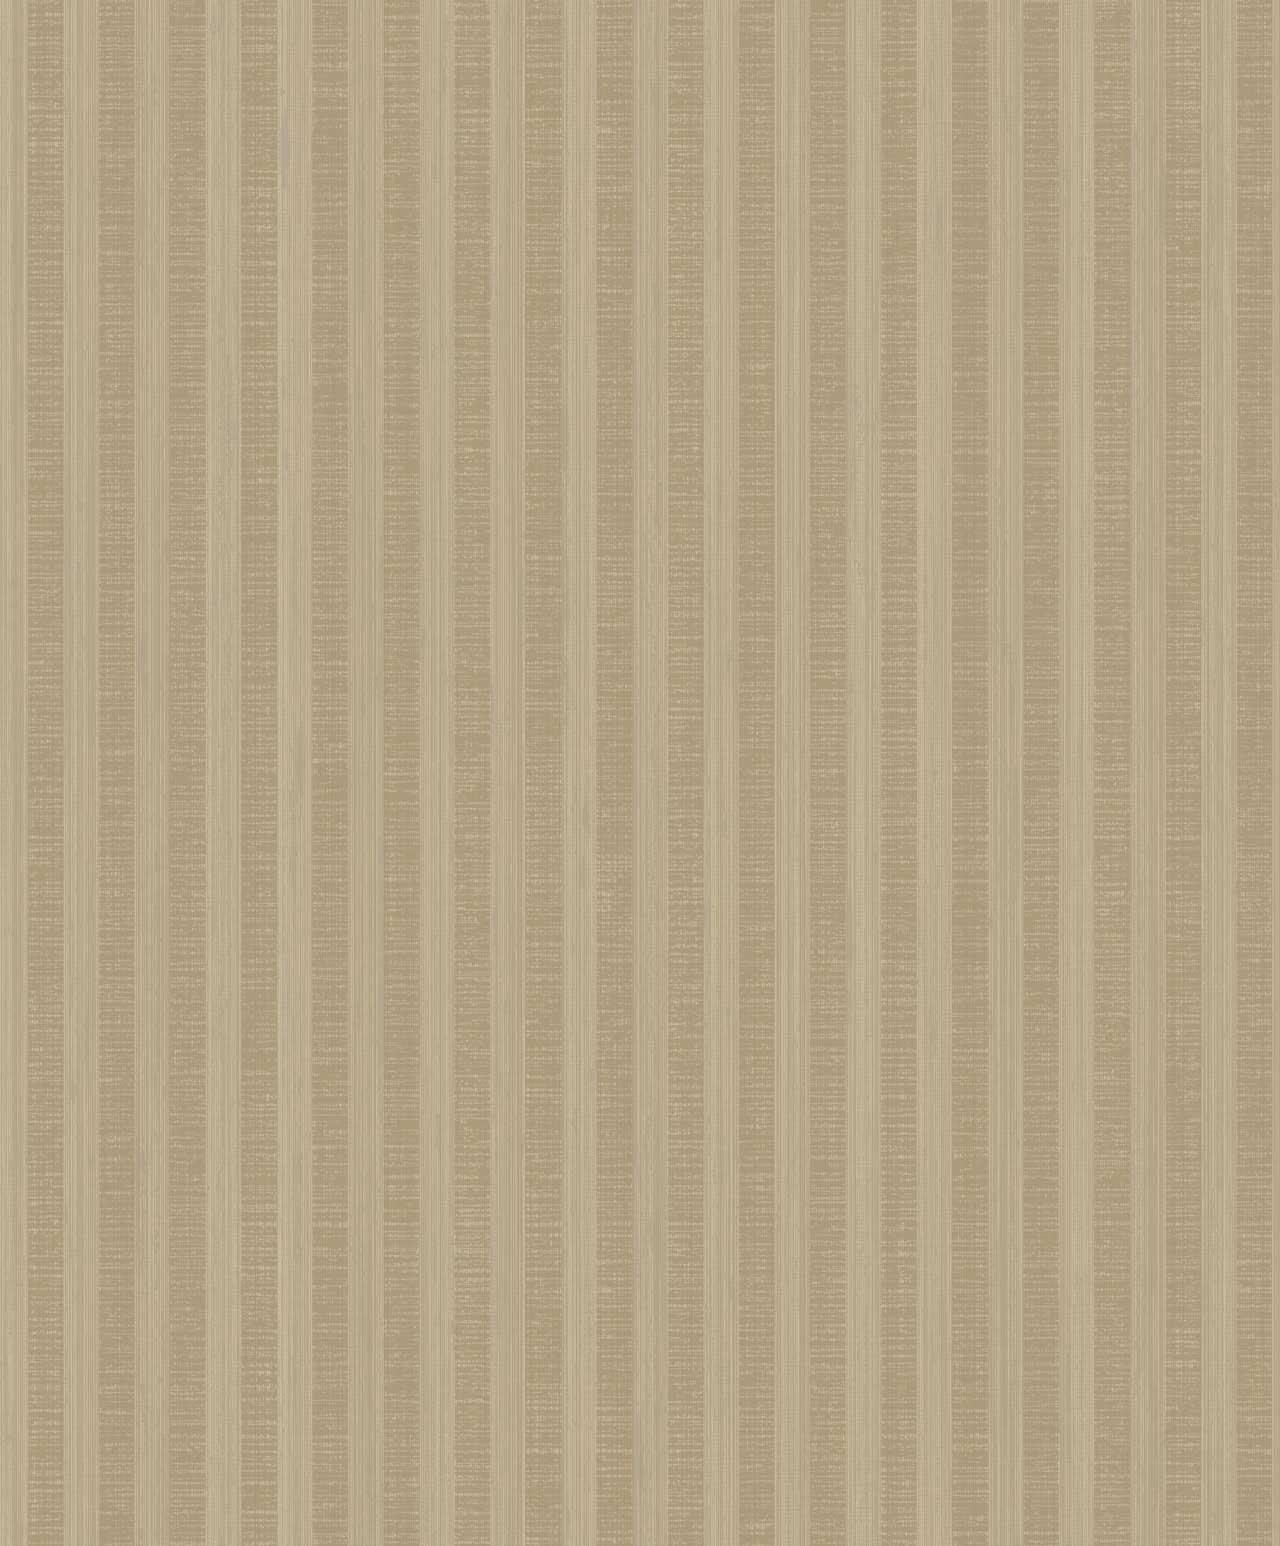 Sloan-Luxury-Wallpaper-SL00824-SLOANE-STRIPE